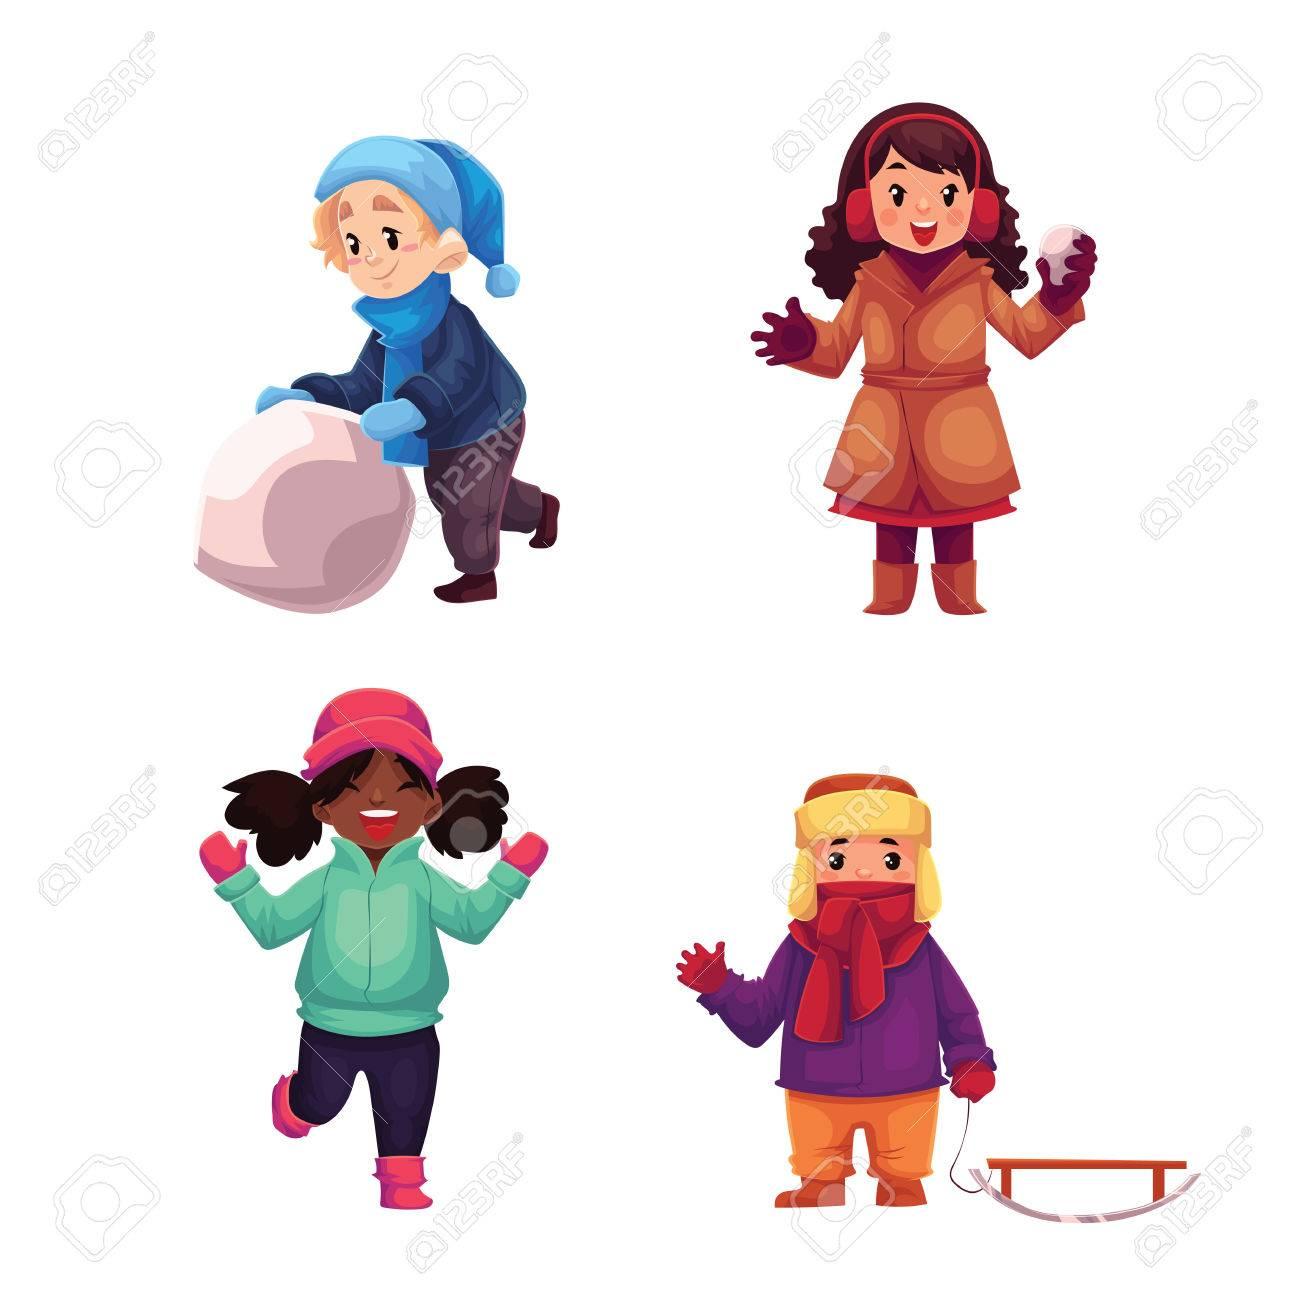 9ea5c4458527 Conjunto de niños disfrutando de invierno, ilustración vectorial de dibujos  animados aislado en el fondo blanco. Colección de las niñas y los niños ...